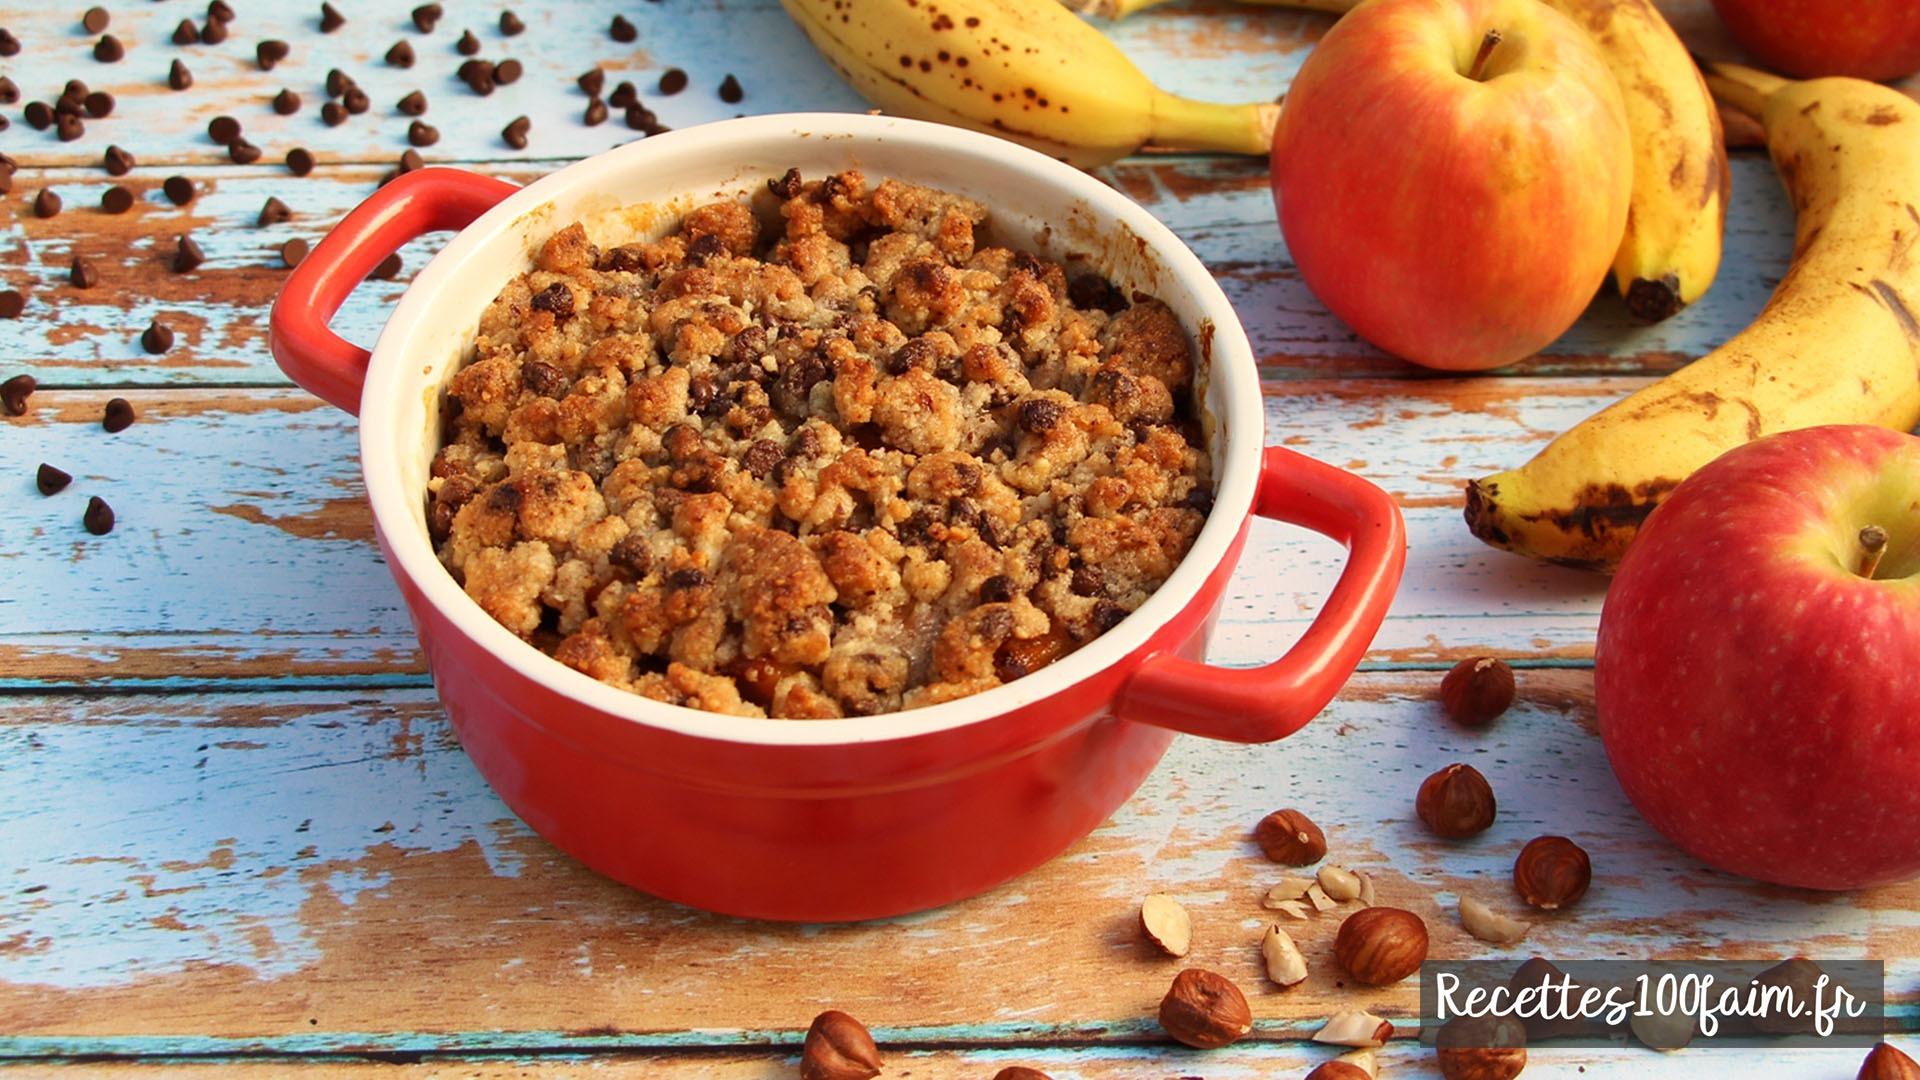 recette crumble pomme banane chocolat noisette